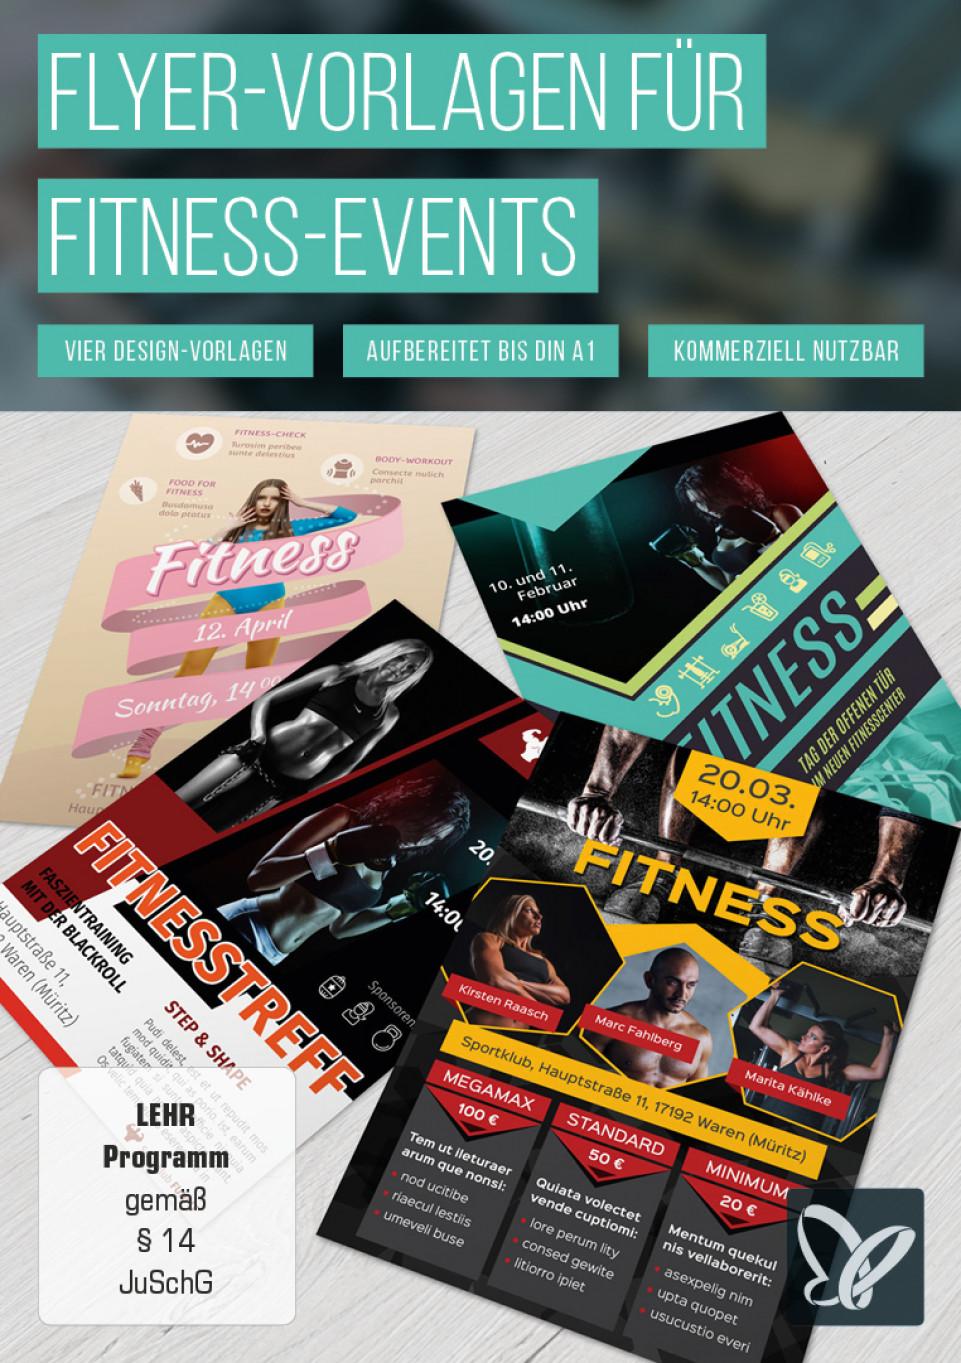 Flyer-Vorlagen für Fitnessstudios und Fitness-Events